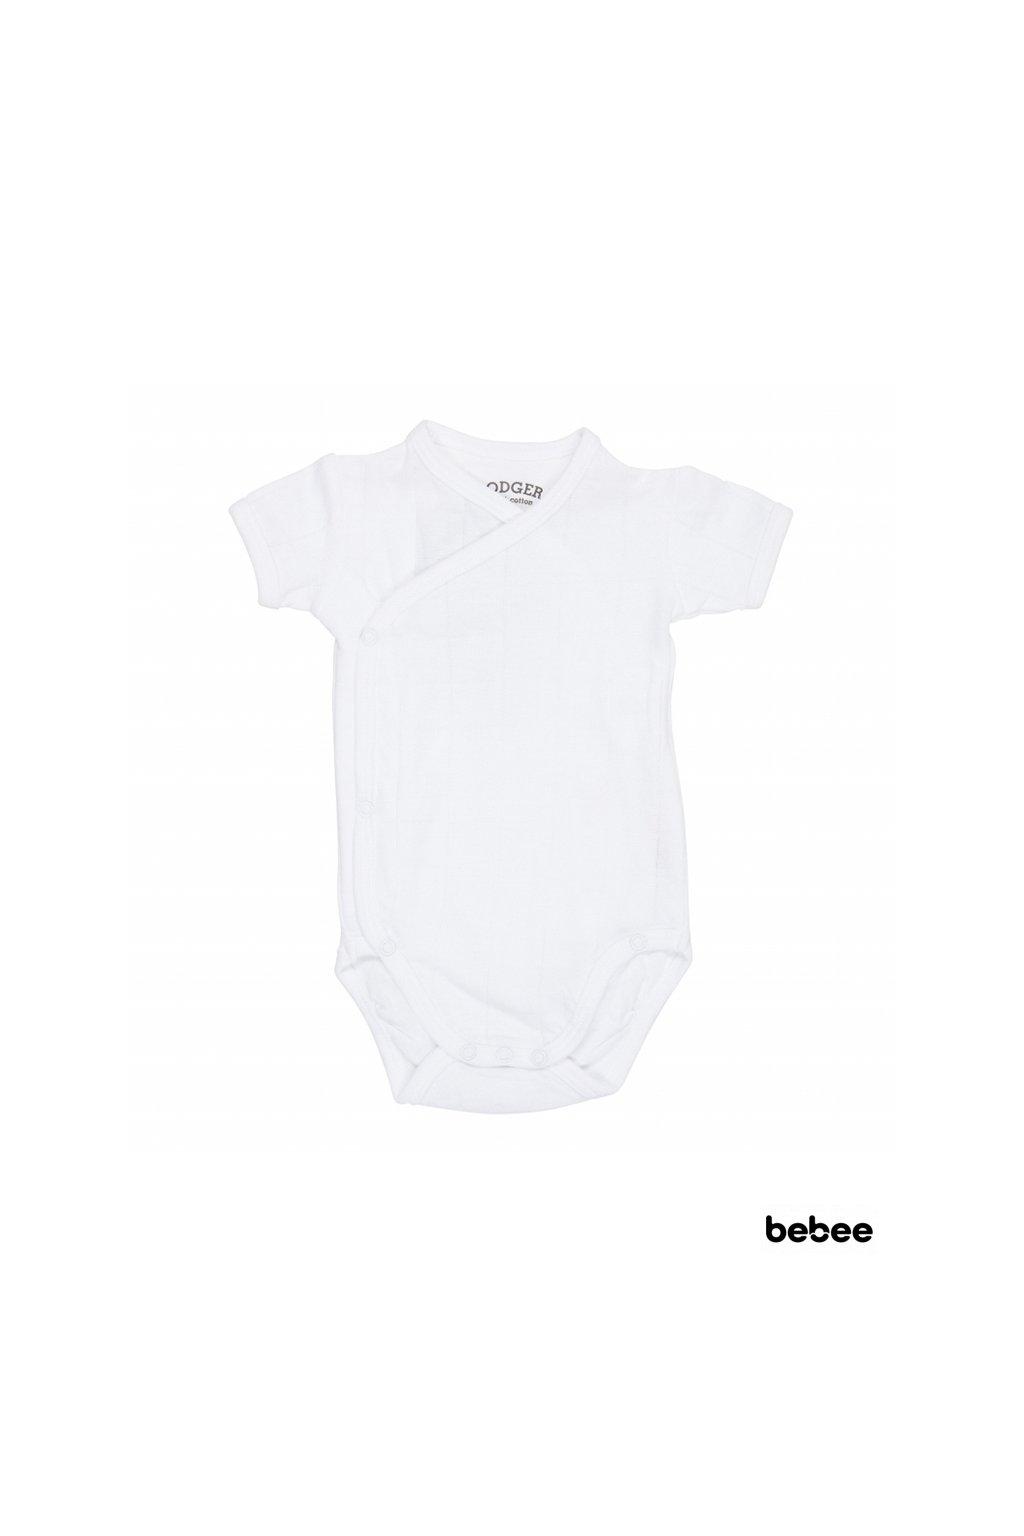 Romper Solid Short Sleeves White vel. 68 | Lodger